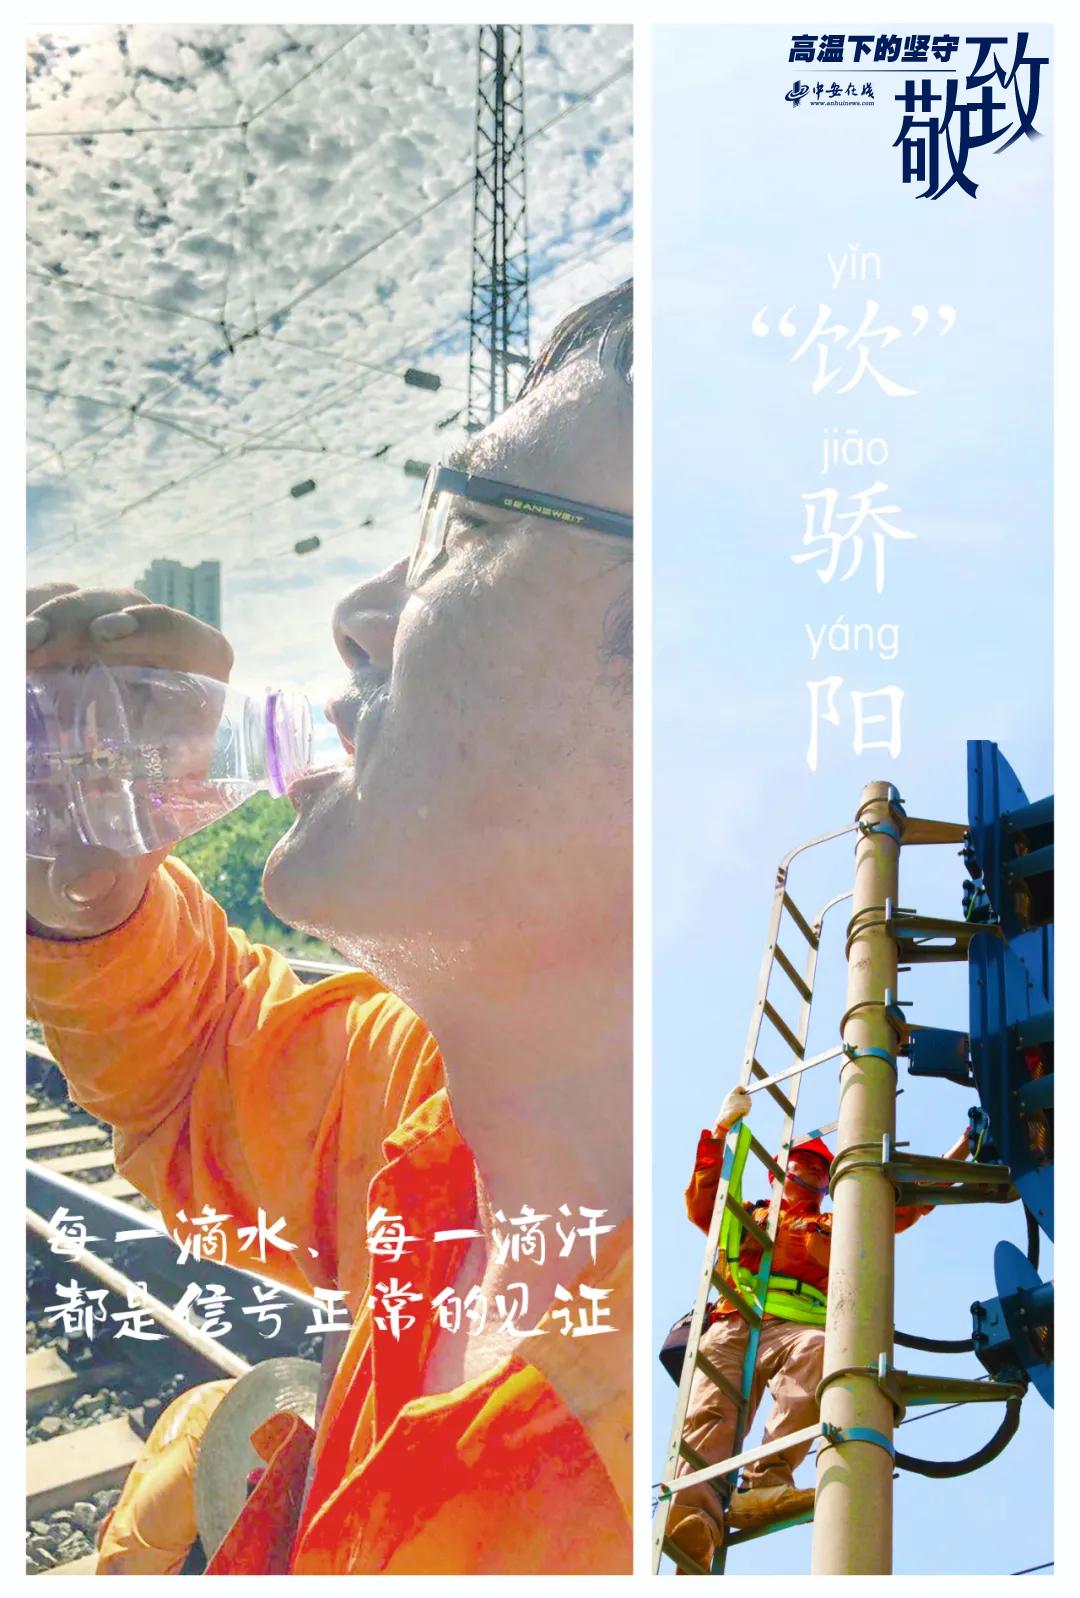 致敬 (2).jpg